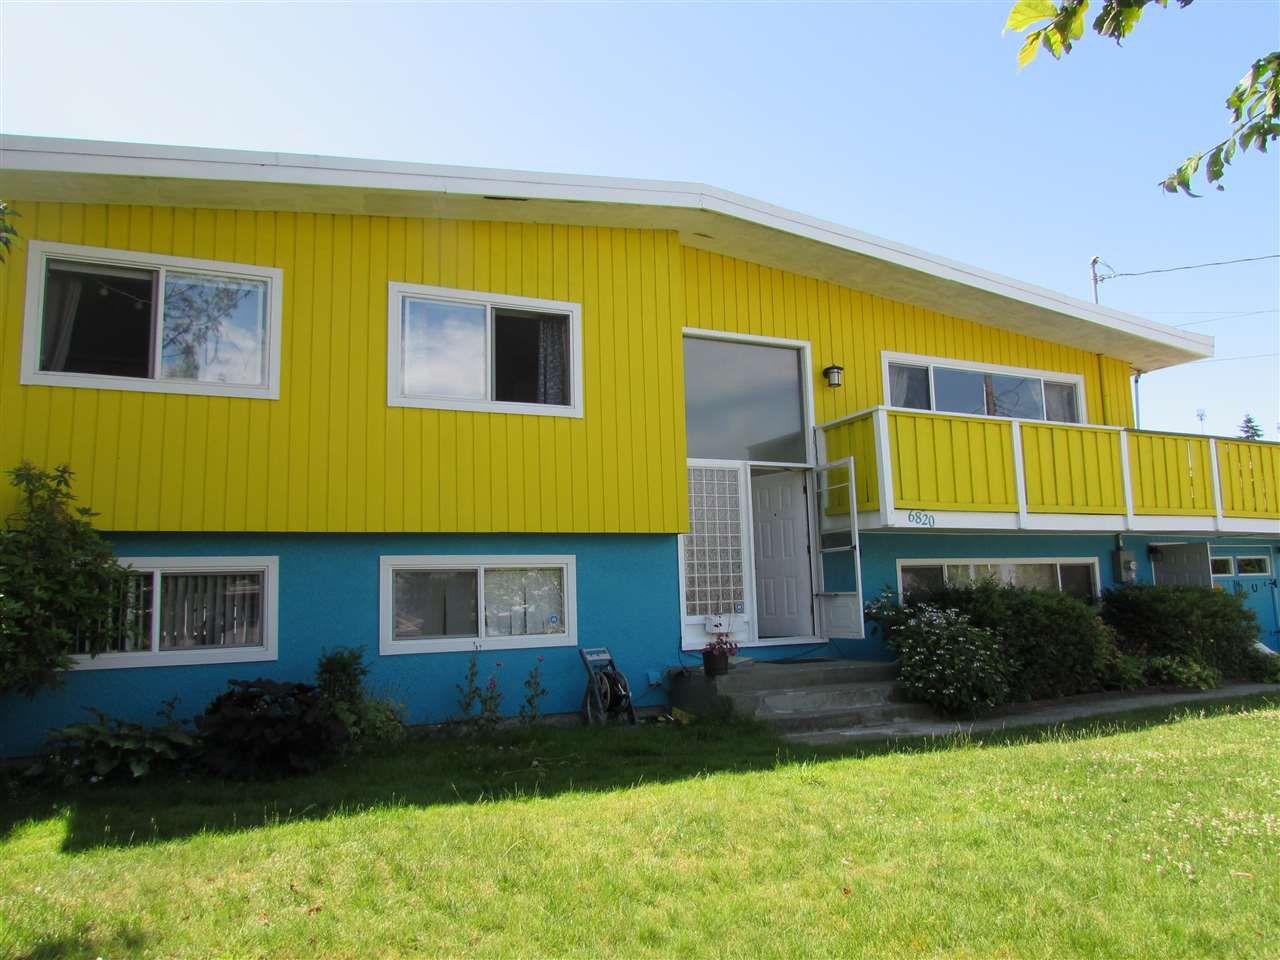 Main Photo: 6820 STANLEY Street in Burnaby: Upper Deer Lake House for sale (Burnaby South)  : MLS®# R2193042